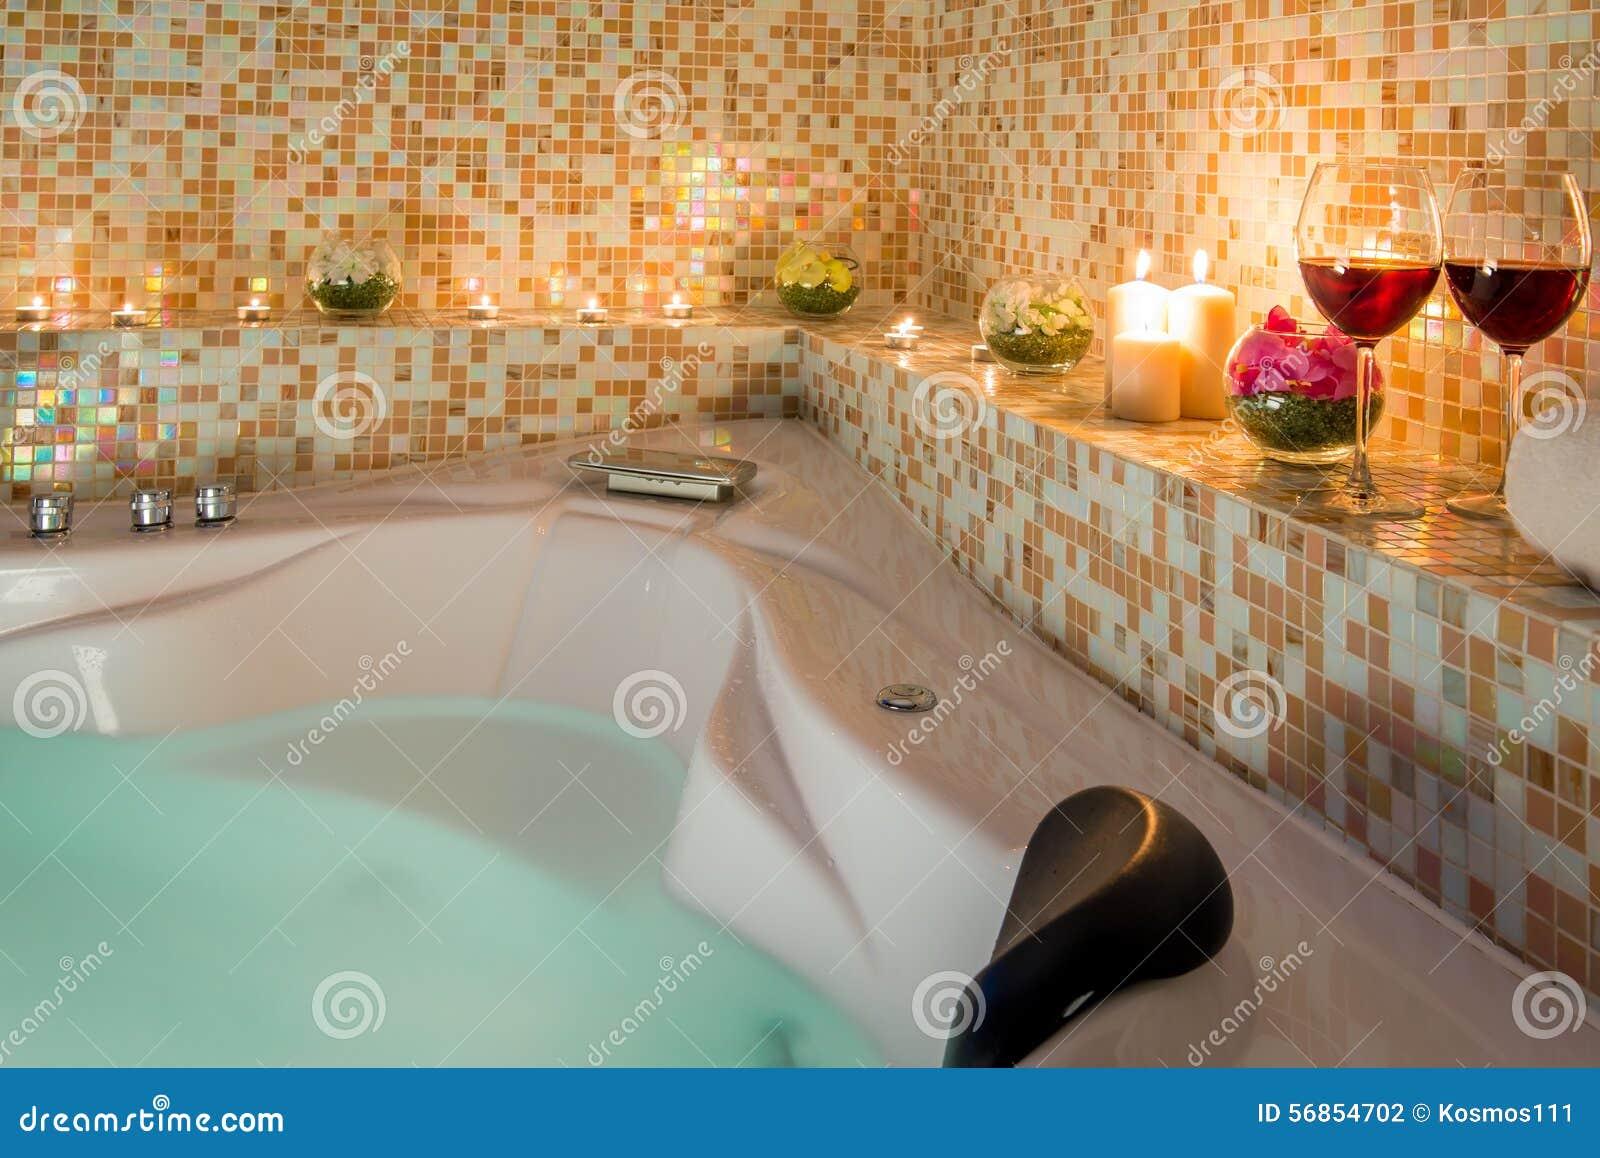 Bagno Romantico Foto : Anche bagno romantico fotografia stock immagine di sera